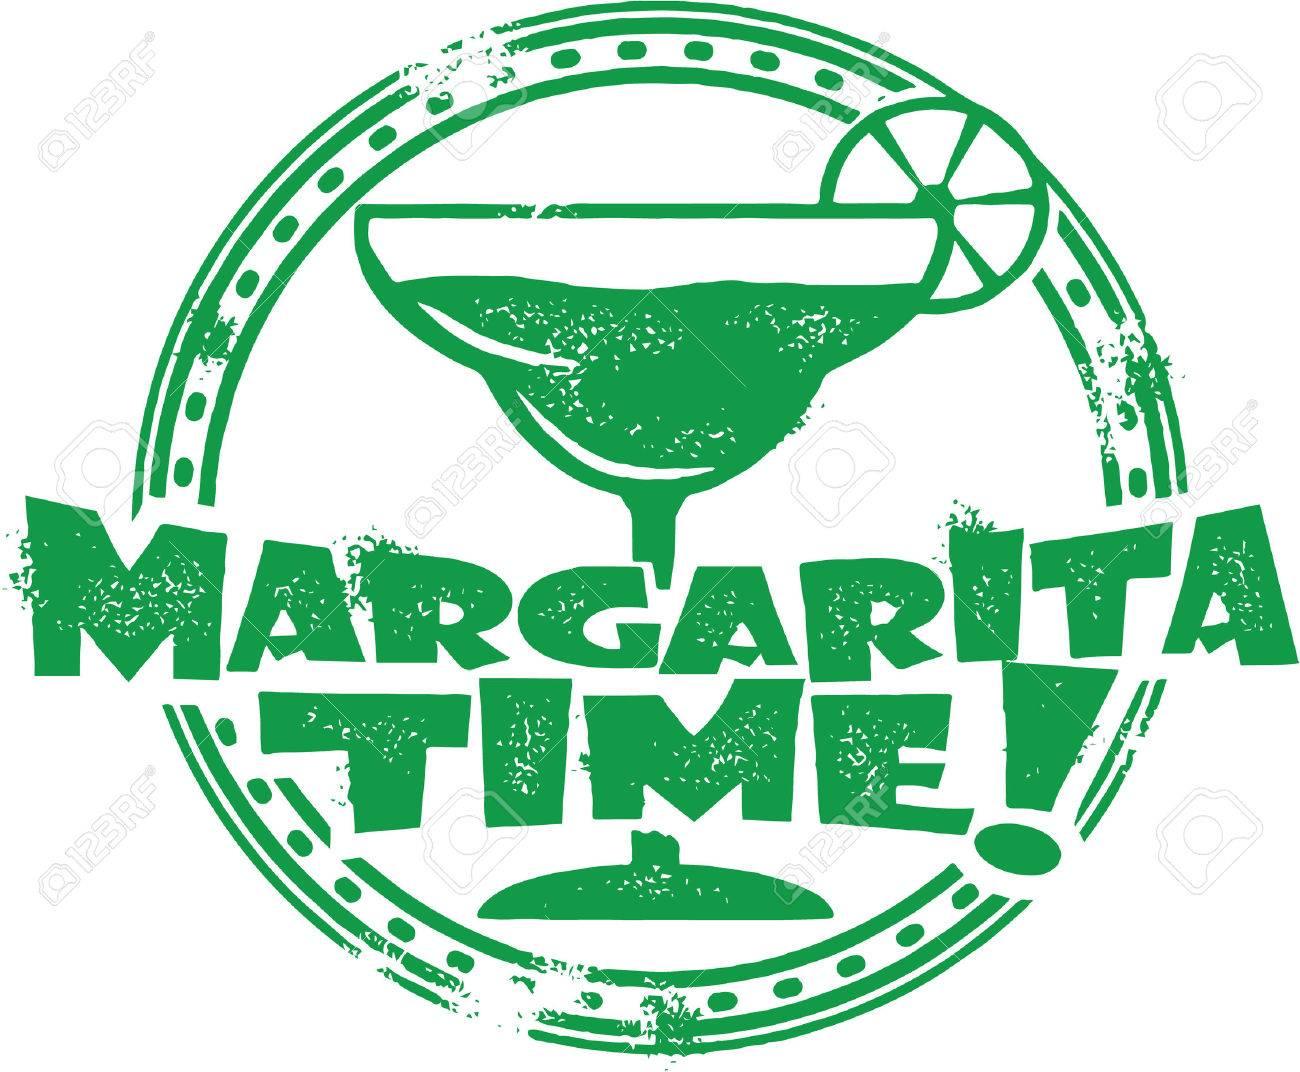 Margarita Cocktail Stamp - 25666691